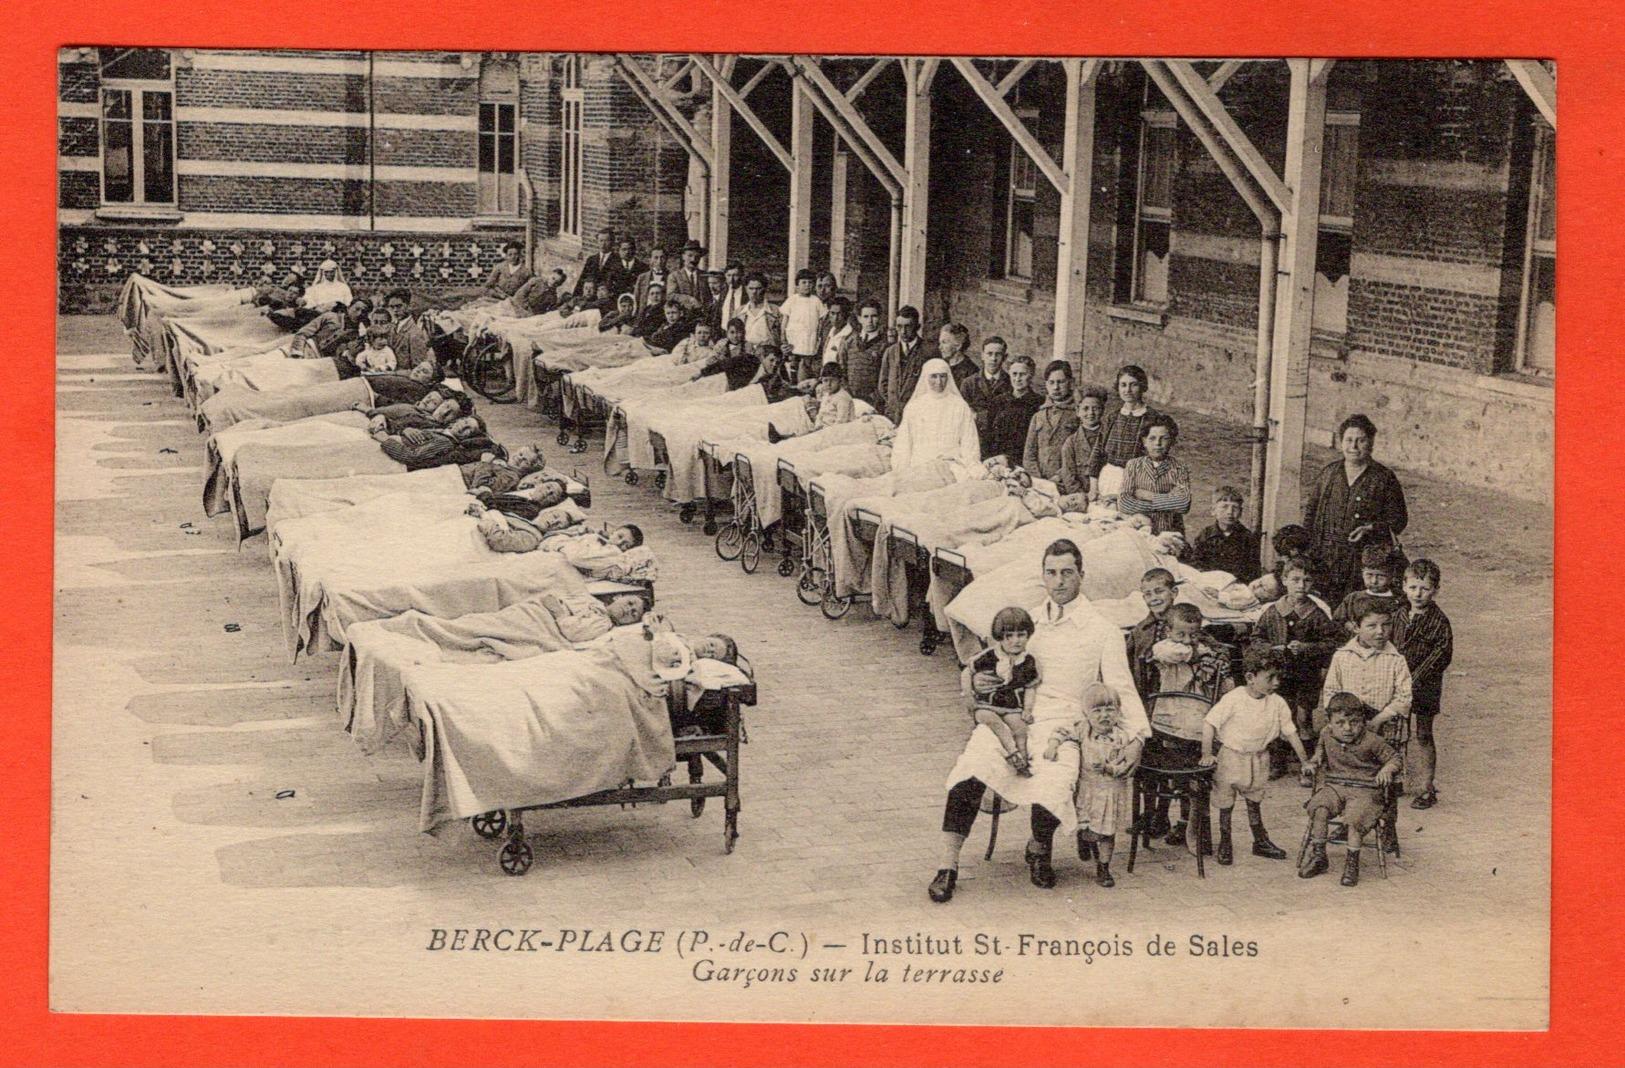 62 - BERCK-PLAGE - INSTITUT SAINT-FRANÇOIS DE SALES - GARÇONS SUR LA TERRASSE - Berck